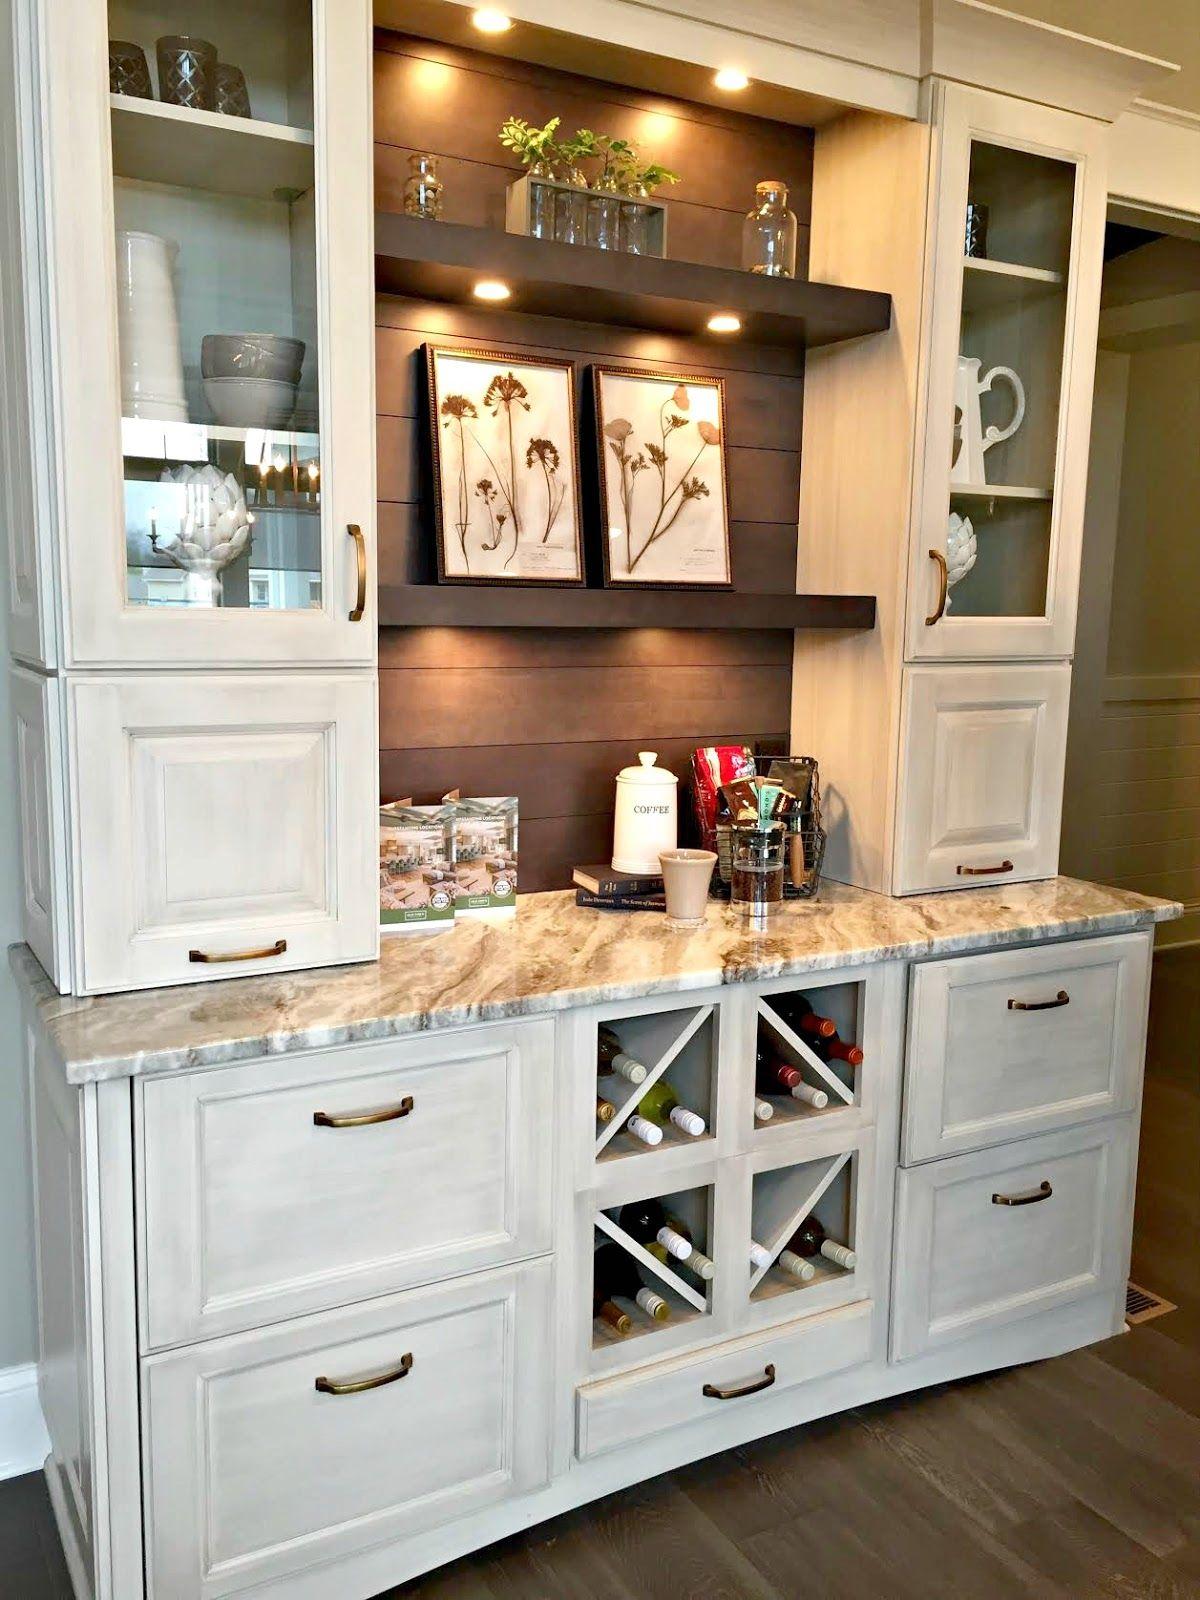 Update coffee bar when kitchen is redone  Kitchens